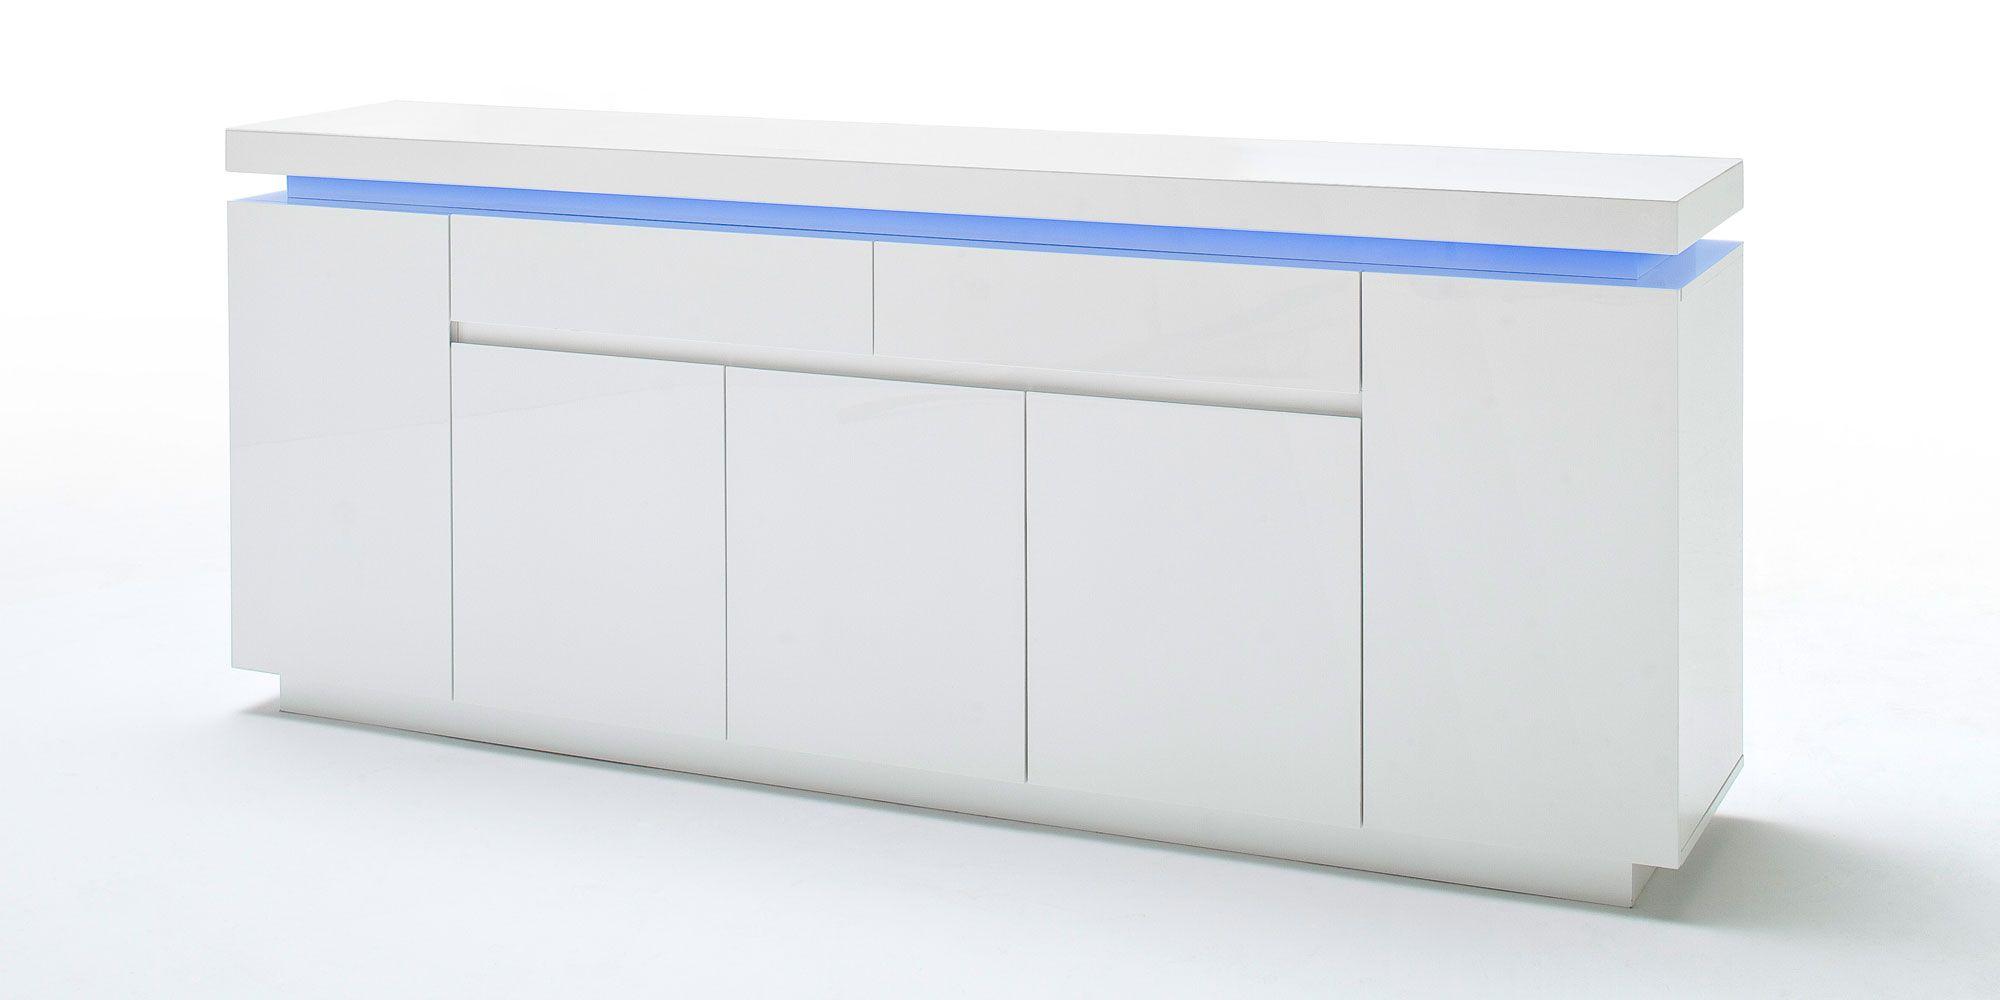 Großartig Hochglanz Sideboard Weiß Dekoration Von Schön Weiß